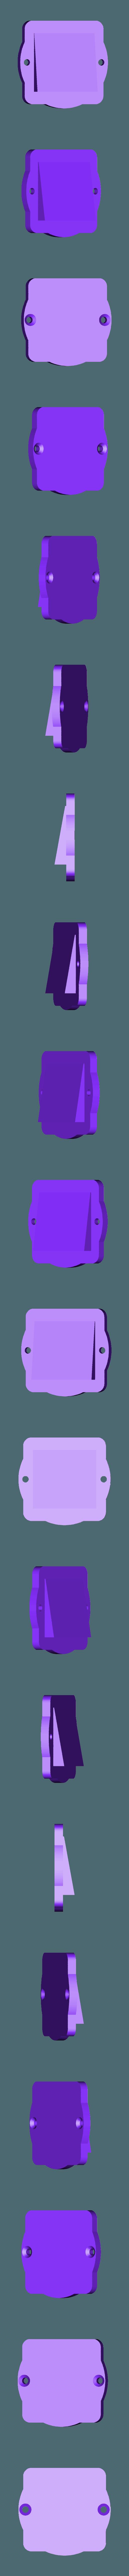 Bottle-pencil-sharpener-COVER-v2.stl Download free STL file Bottle pencil sharpener (container) • 3D printer model, topedesigns